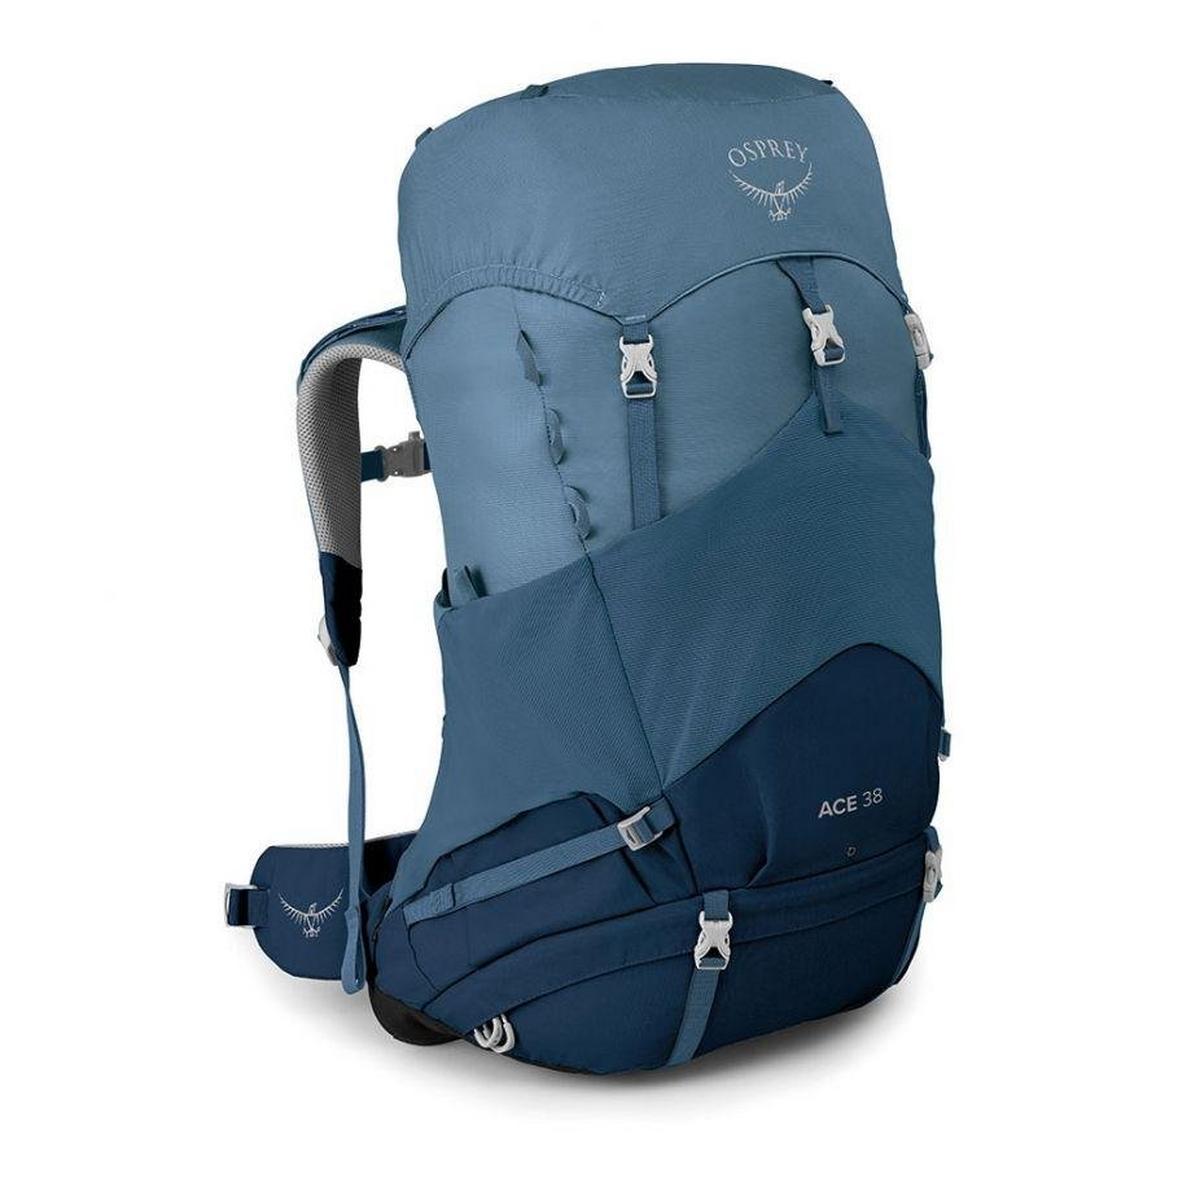 Osprey U Ace 38 Kids Pack - Blue